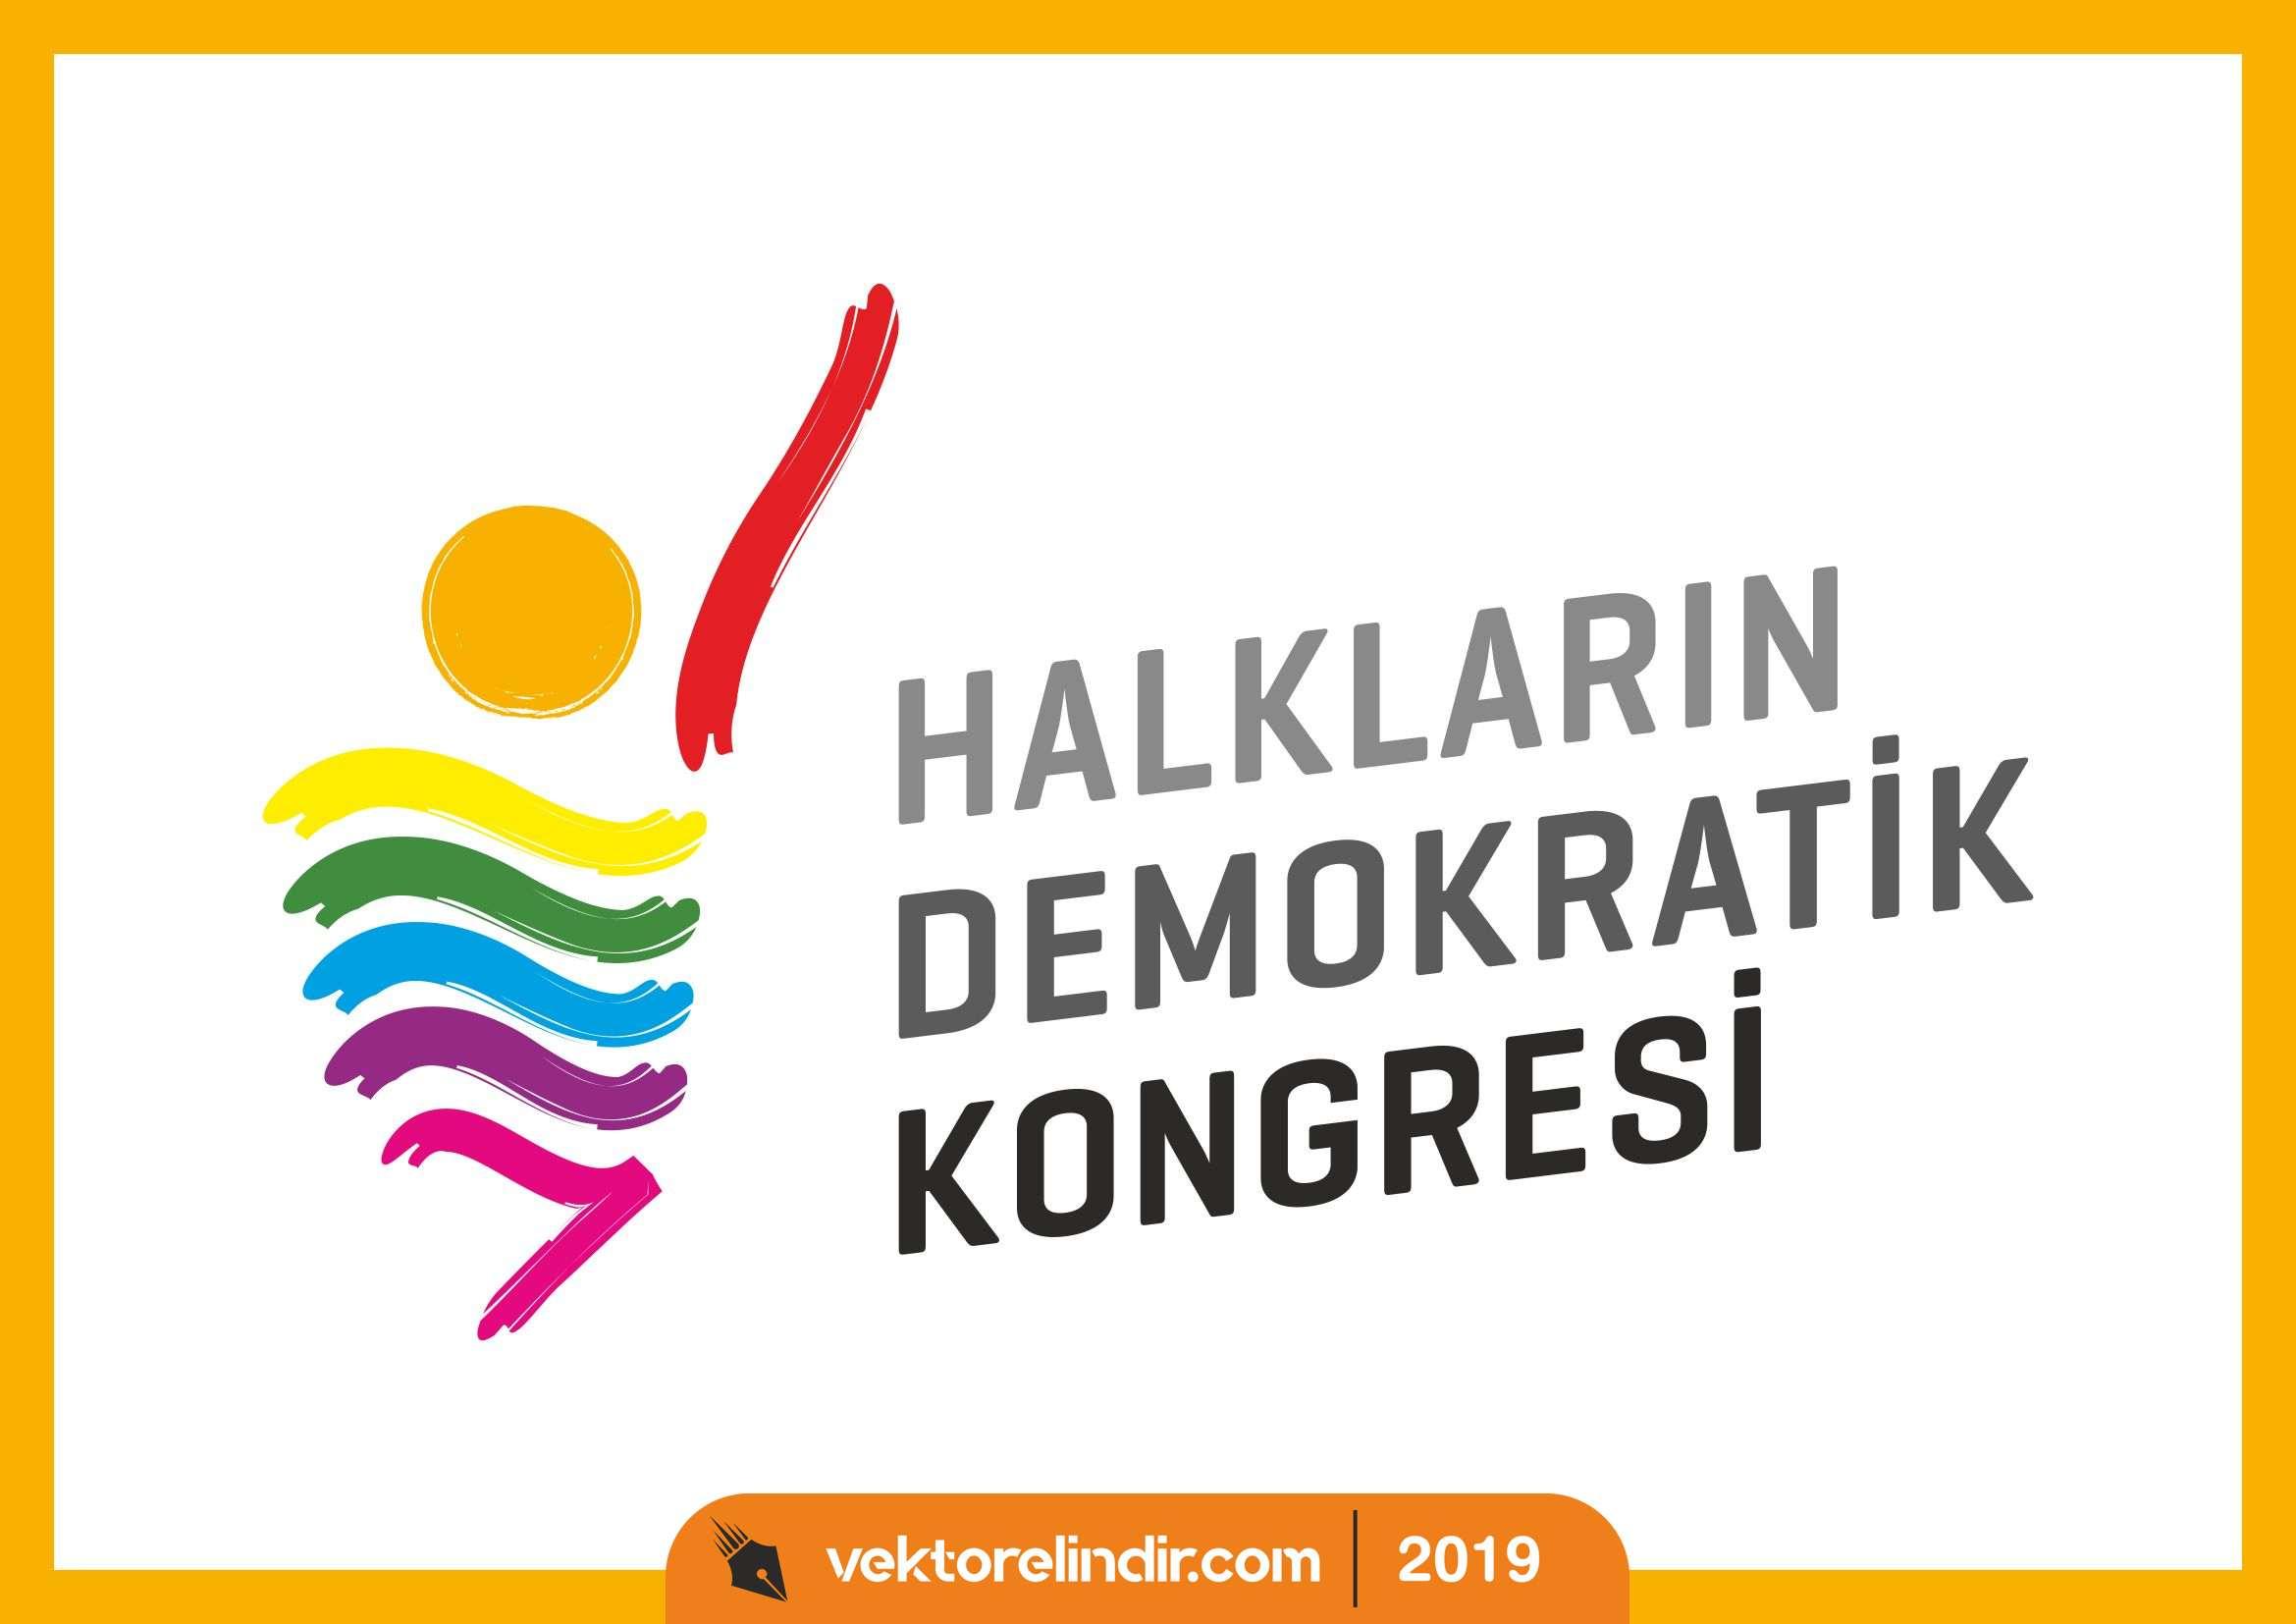 HDK, Halkların Demokratik Kongresi Logo Amblem